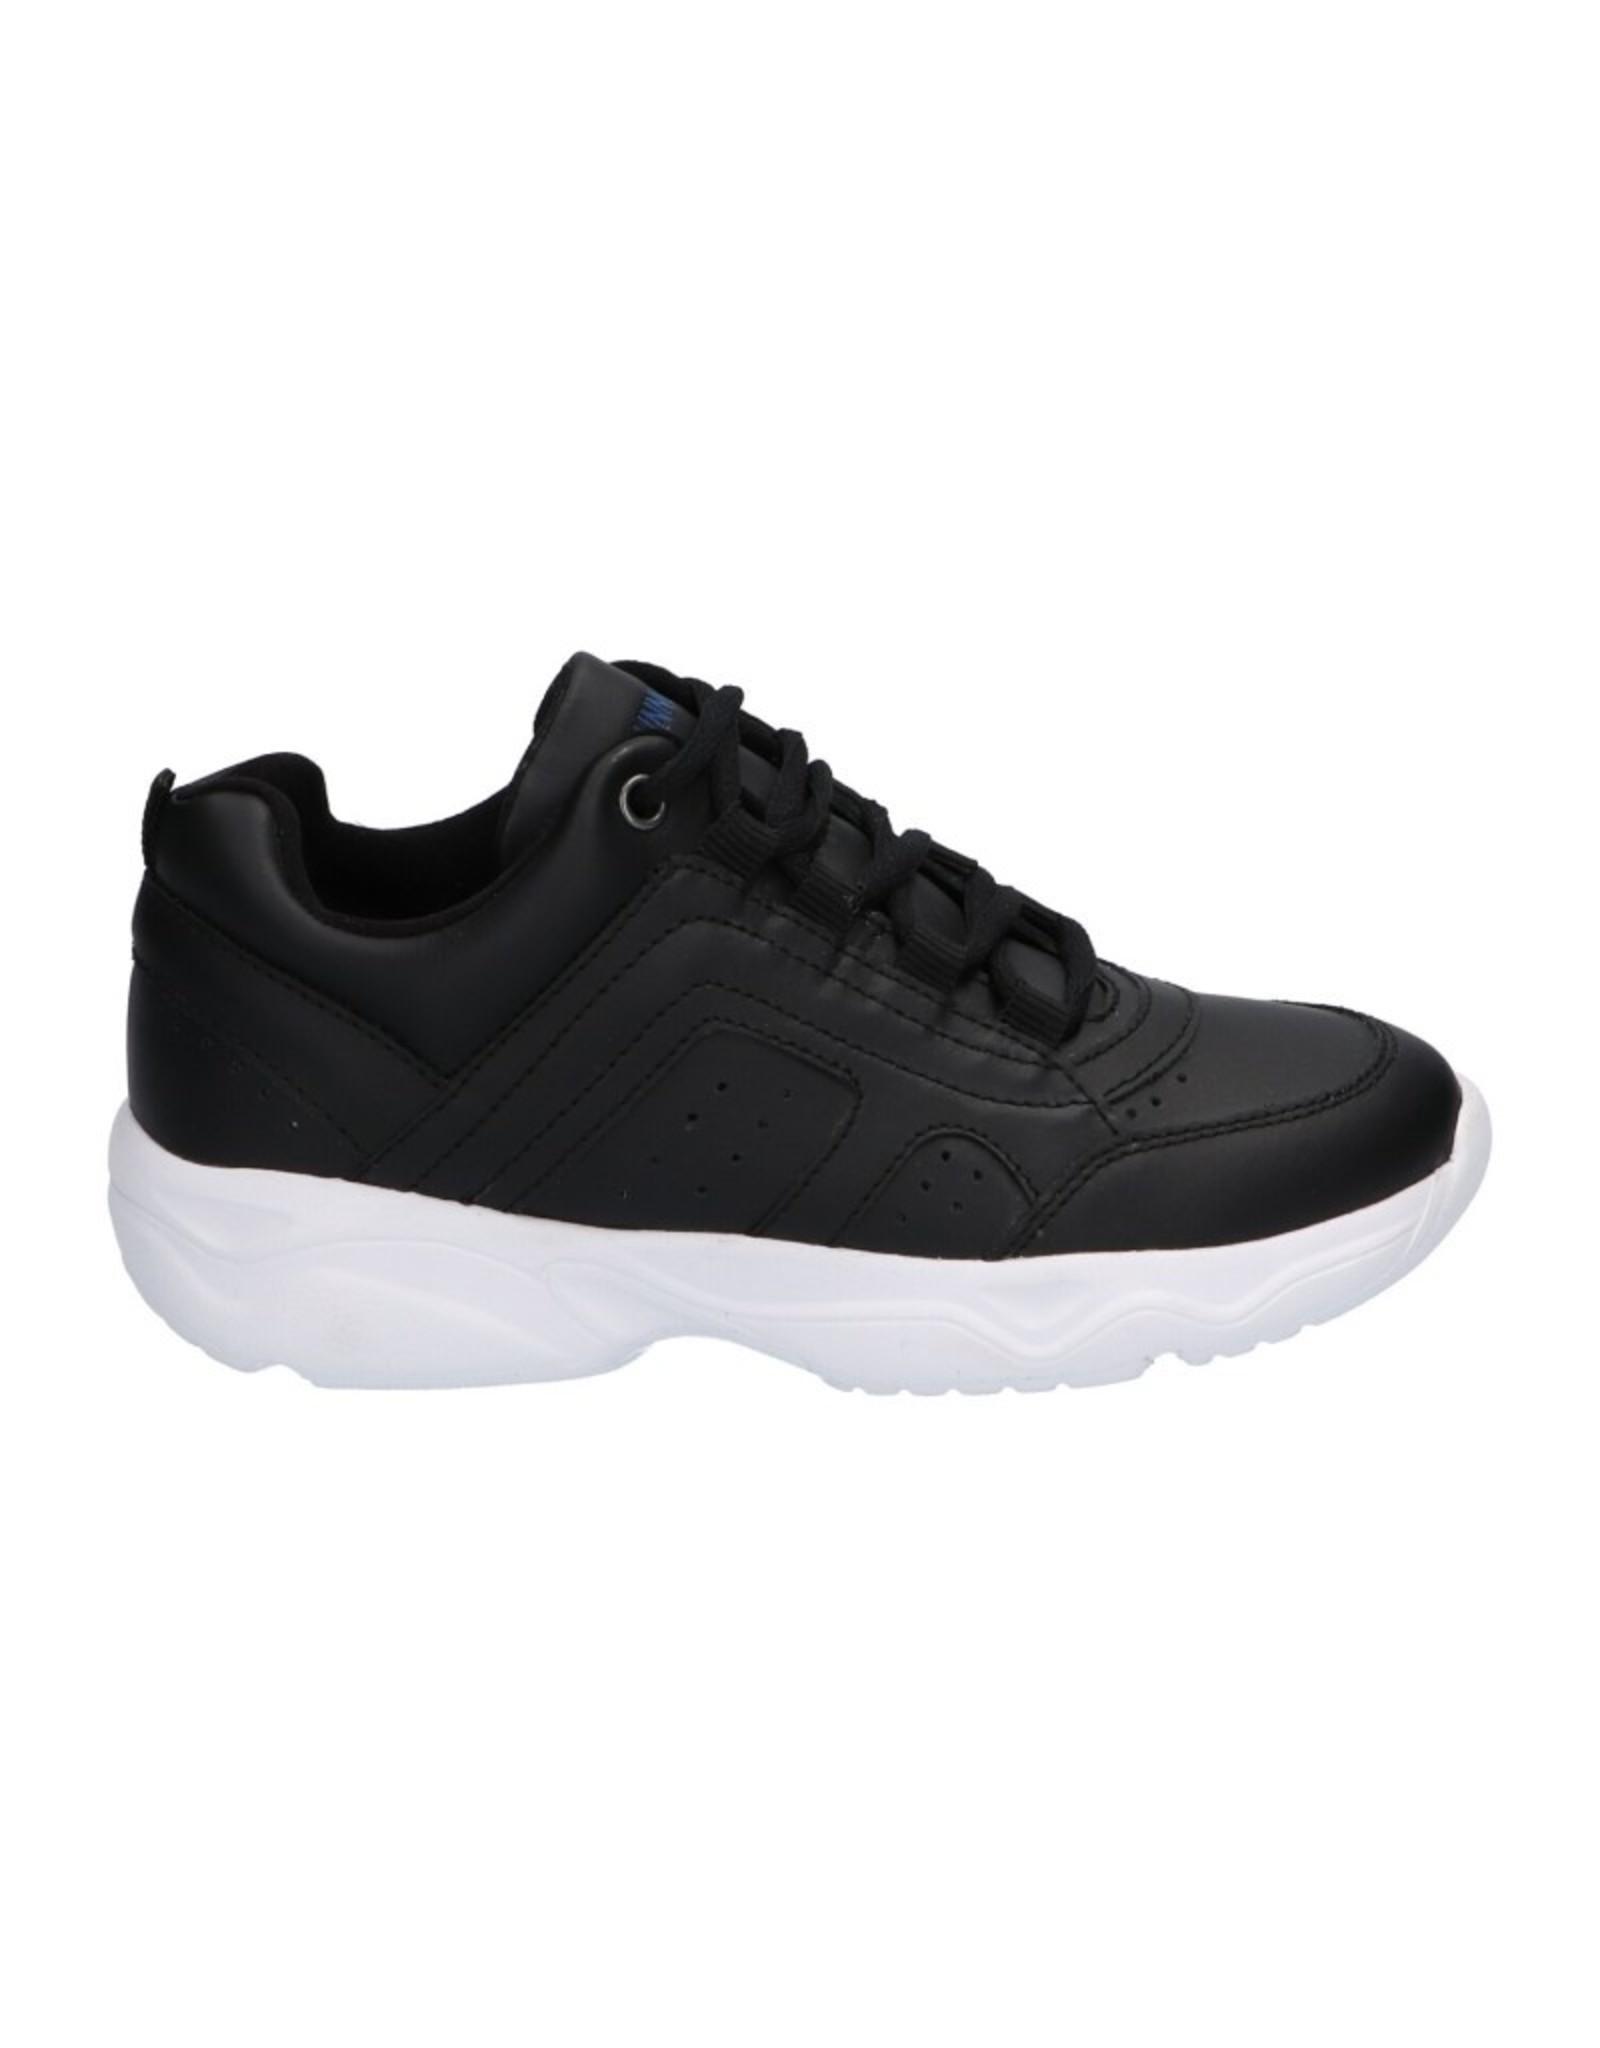 Track - Style Track - Style - Zwarte Jongens Sneaker